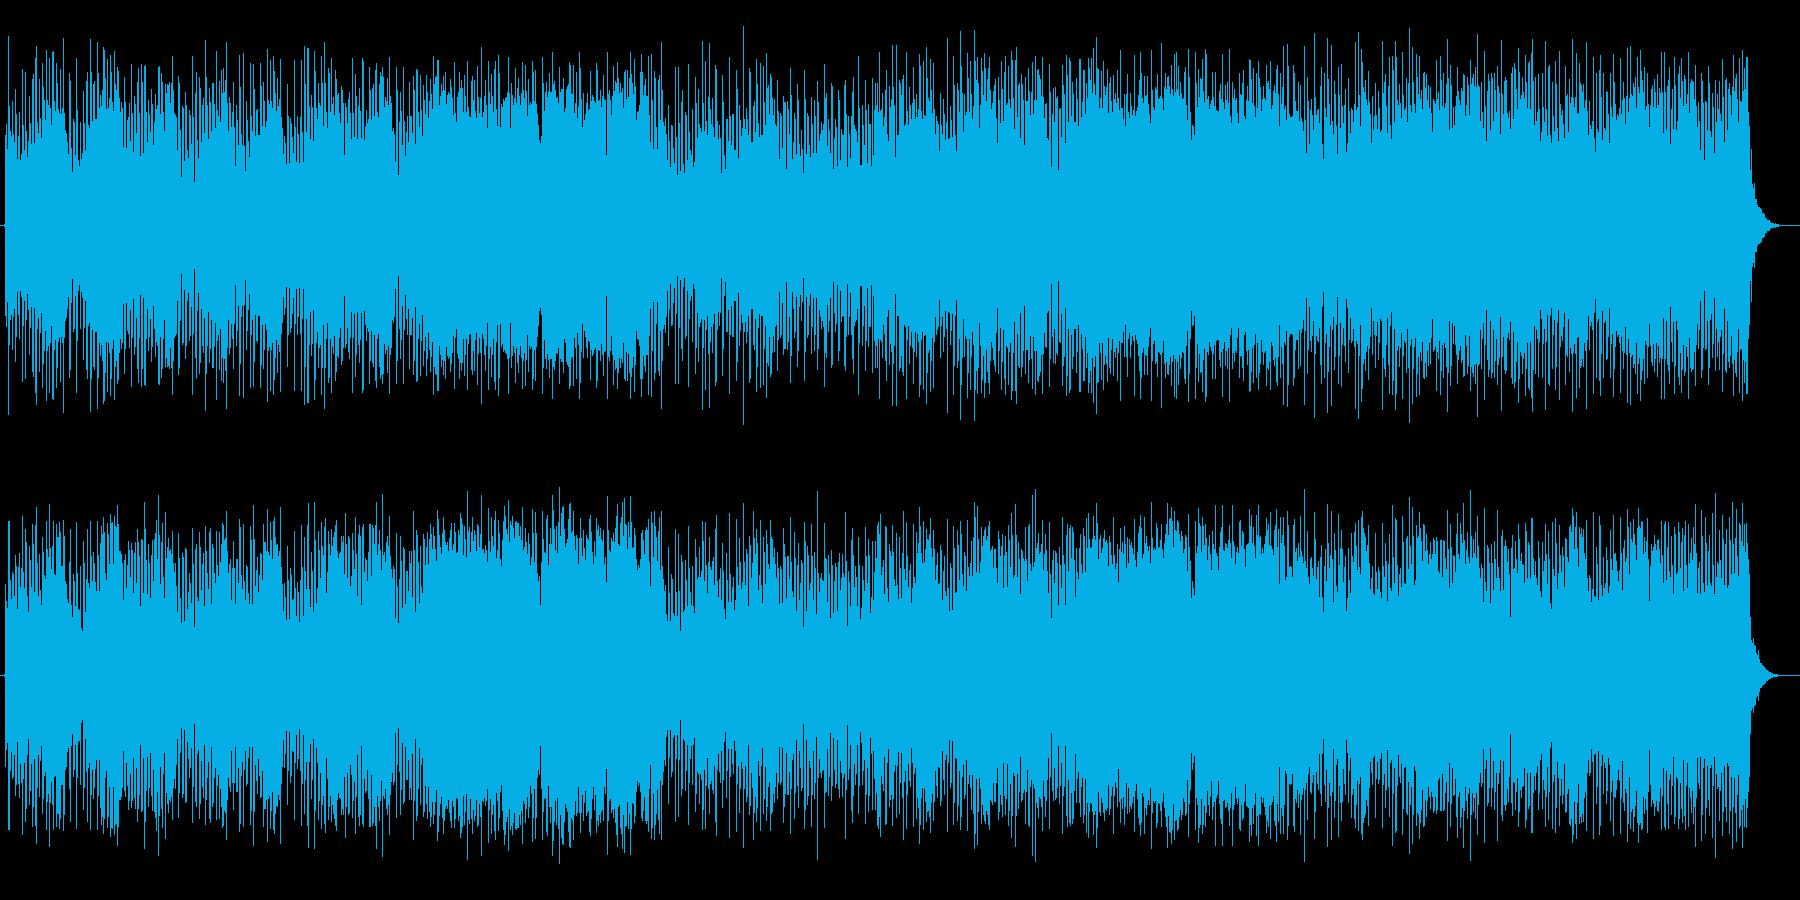 壮大で勢いのあるシンセサイザーサウンドの再生済みの波形